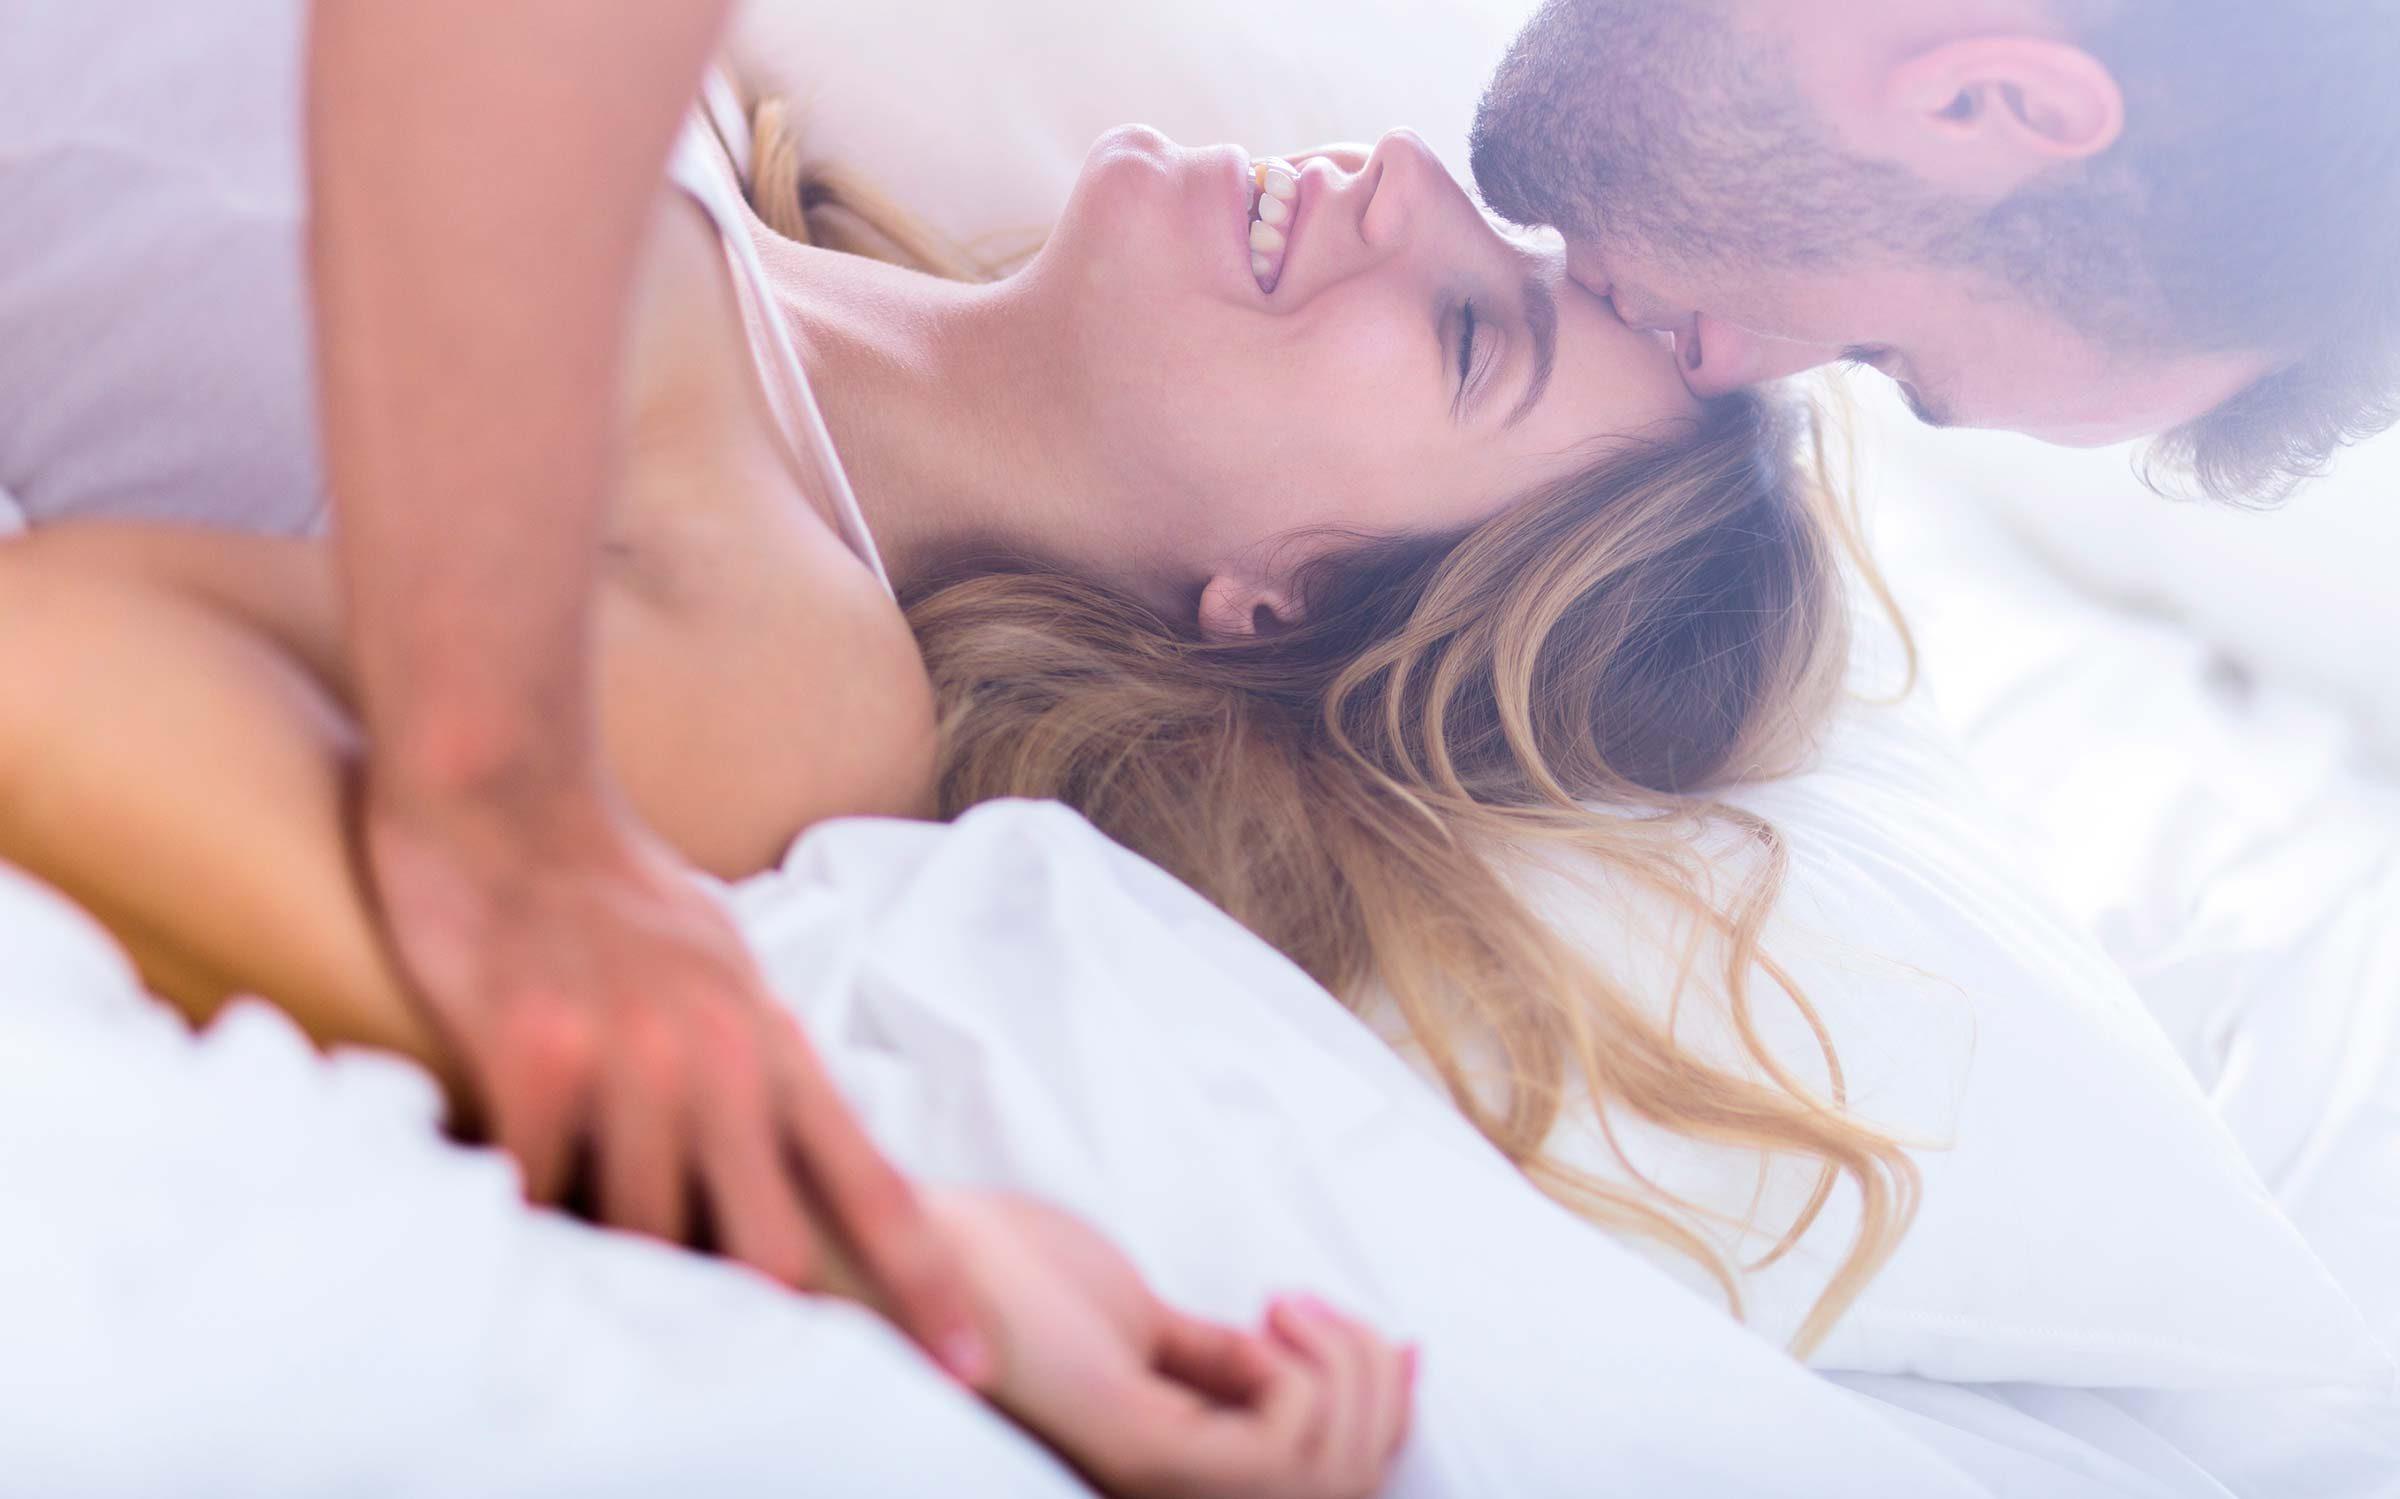 Секс девушка вызывает праститутпа 4 фотография